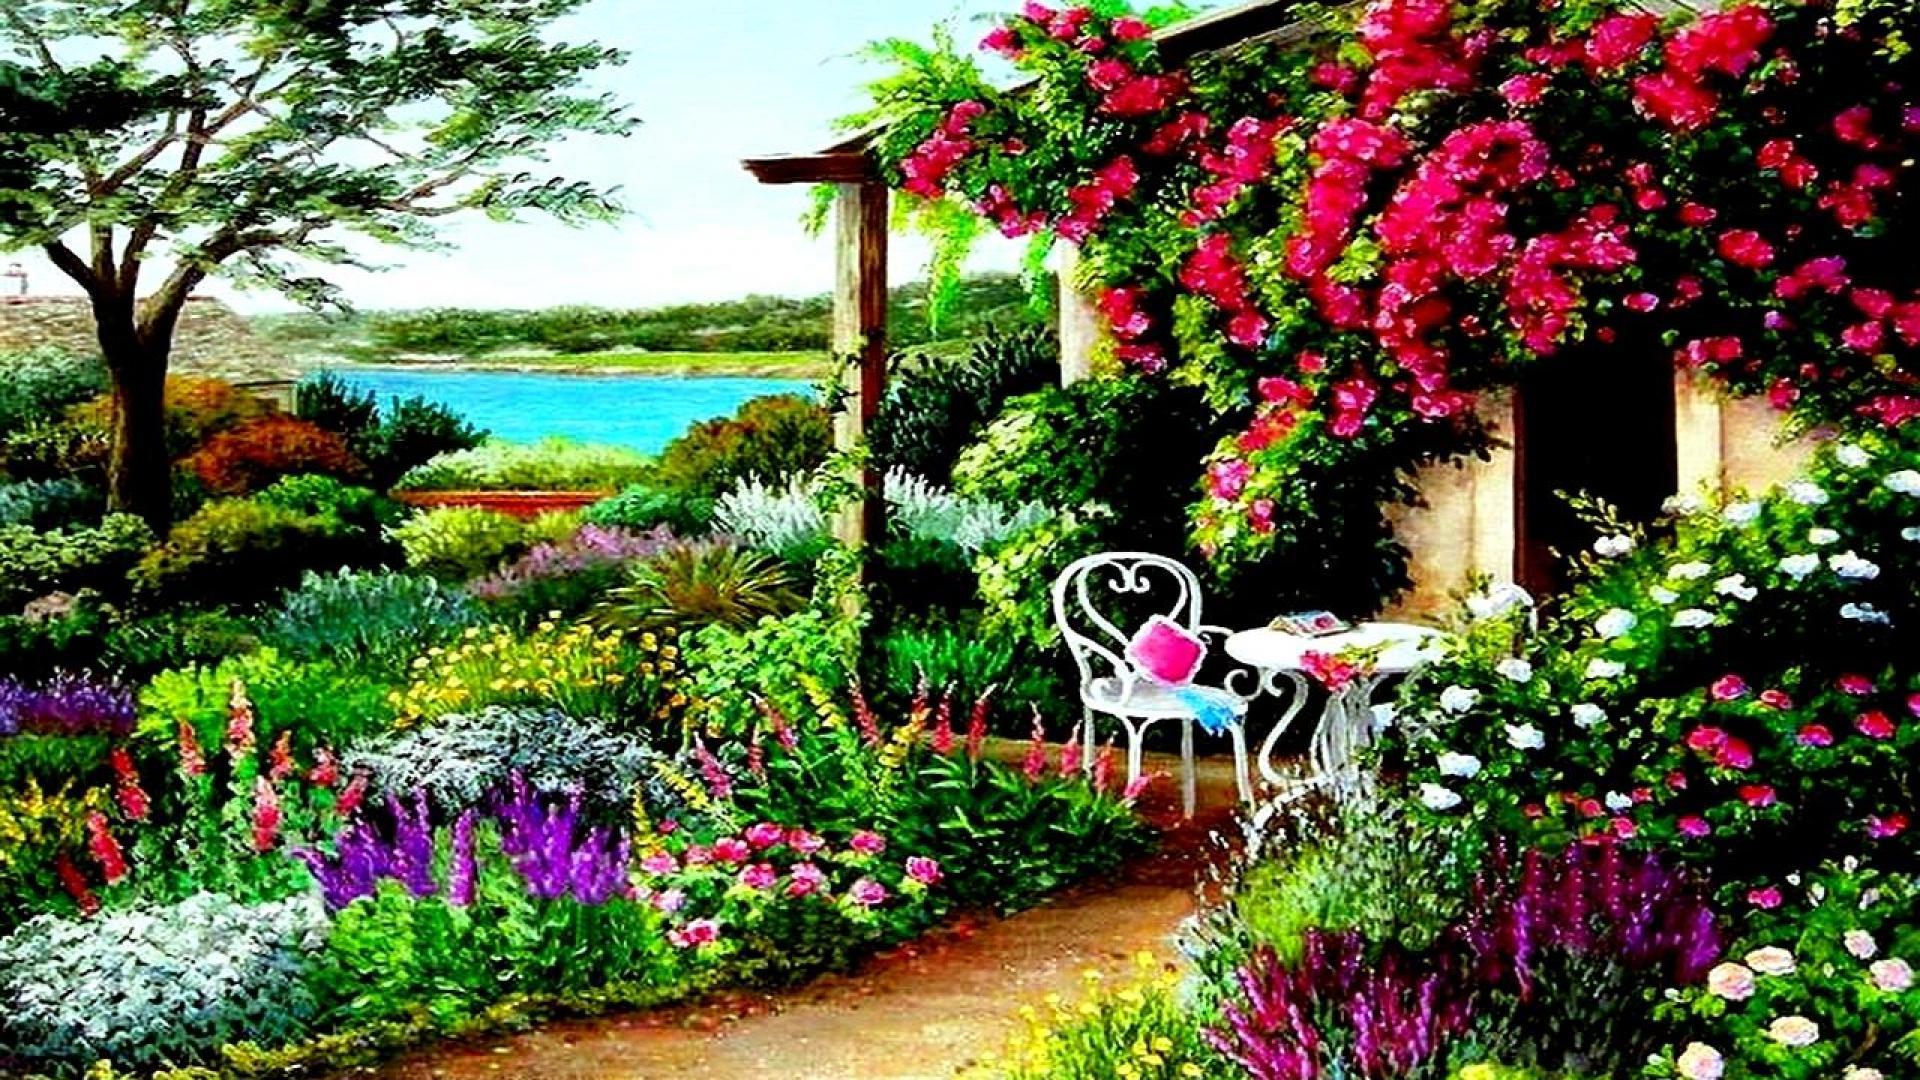 [40+] Spring Flower Gardens Desktop Wallpaper On